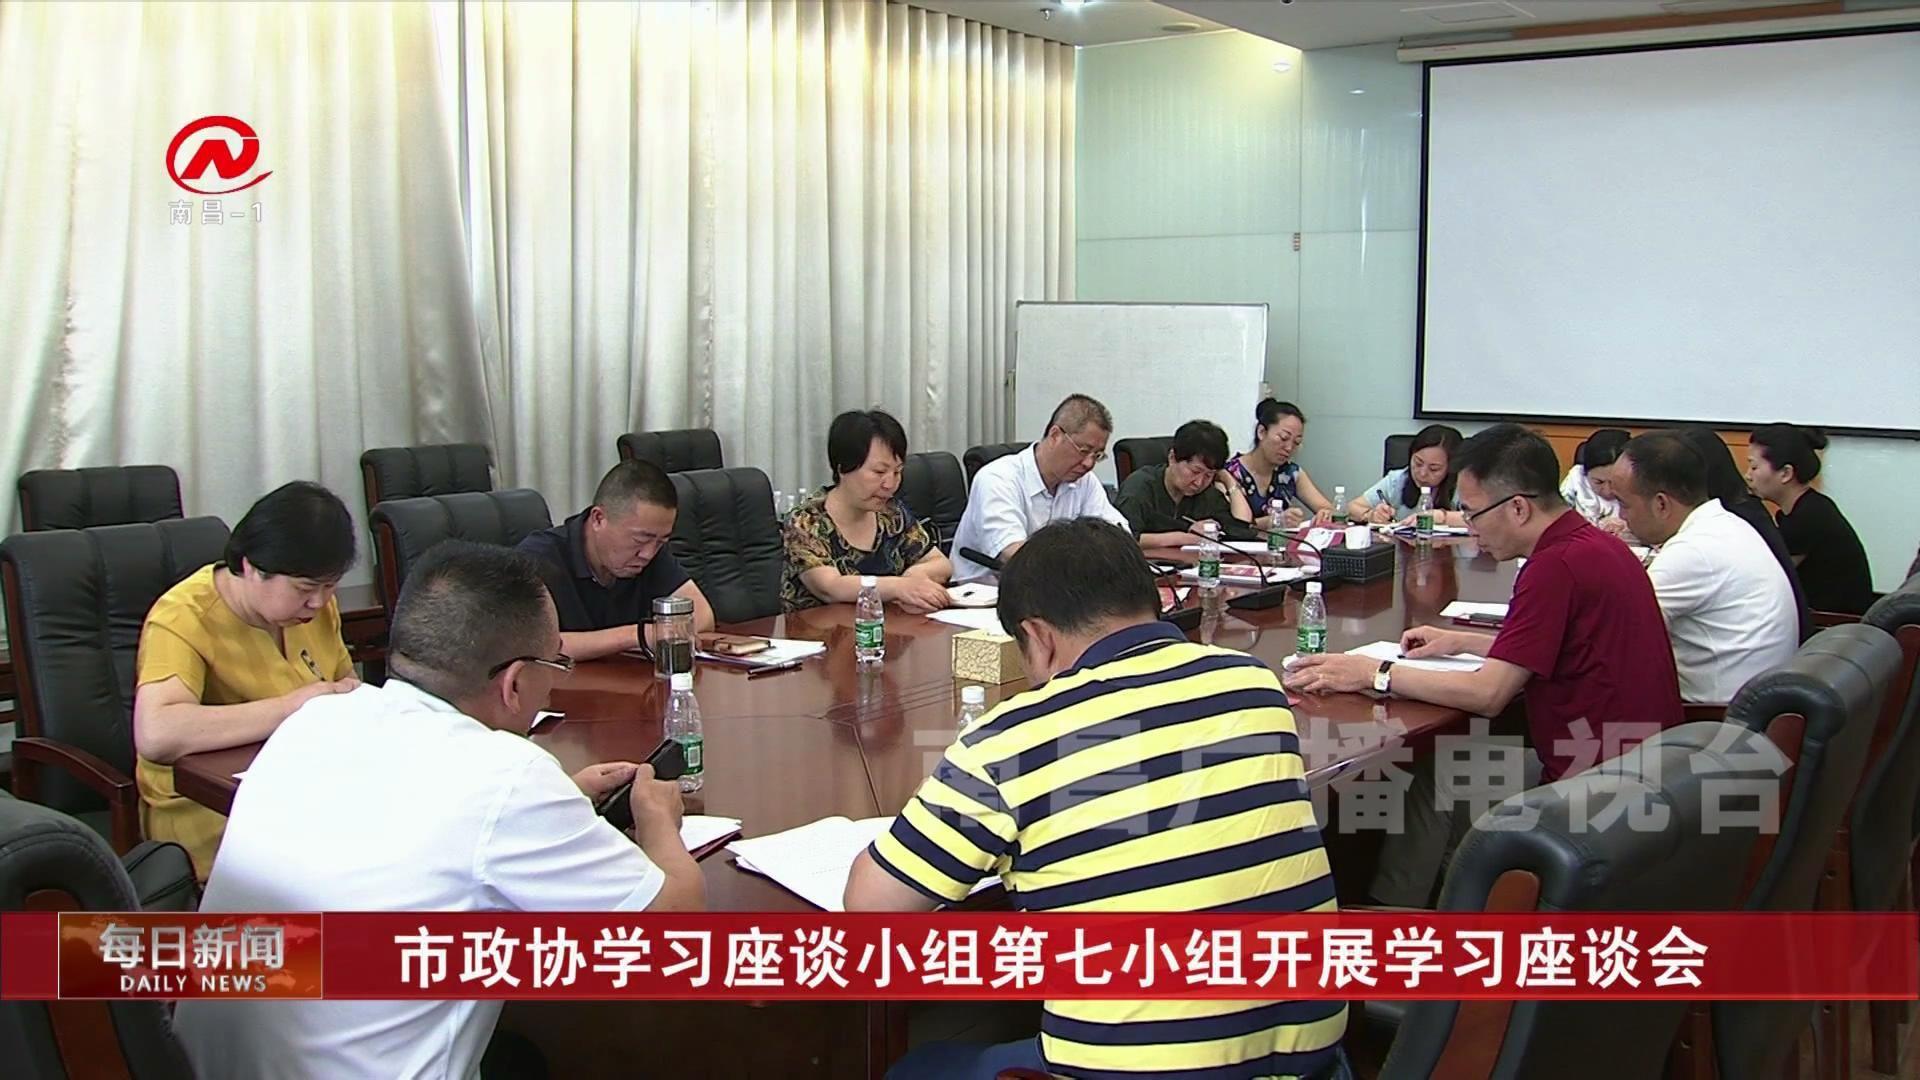 市政协学习座谈小组第七小组开展学习座谈会